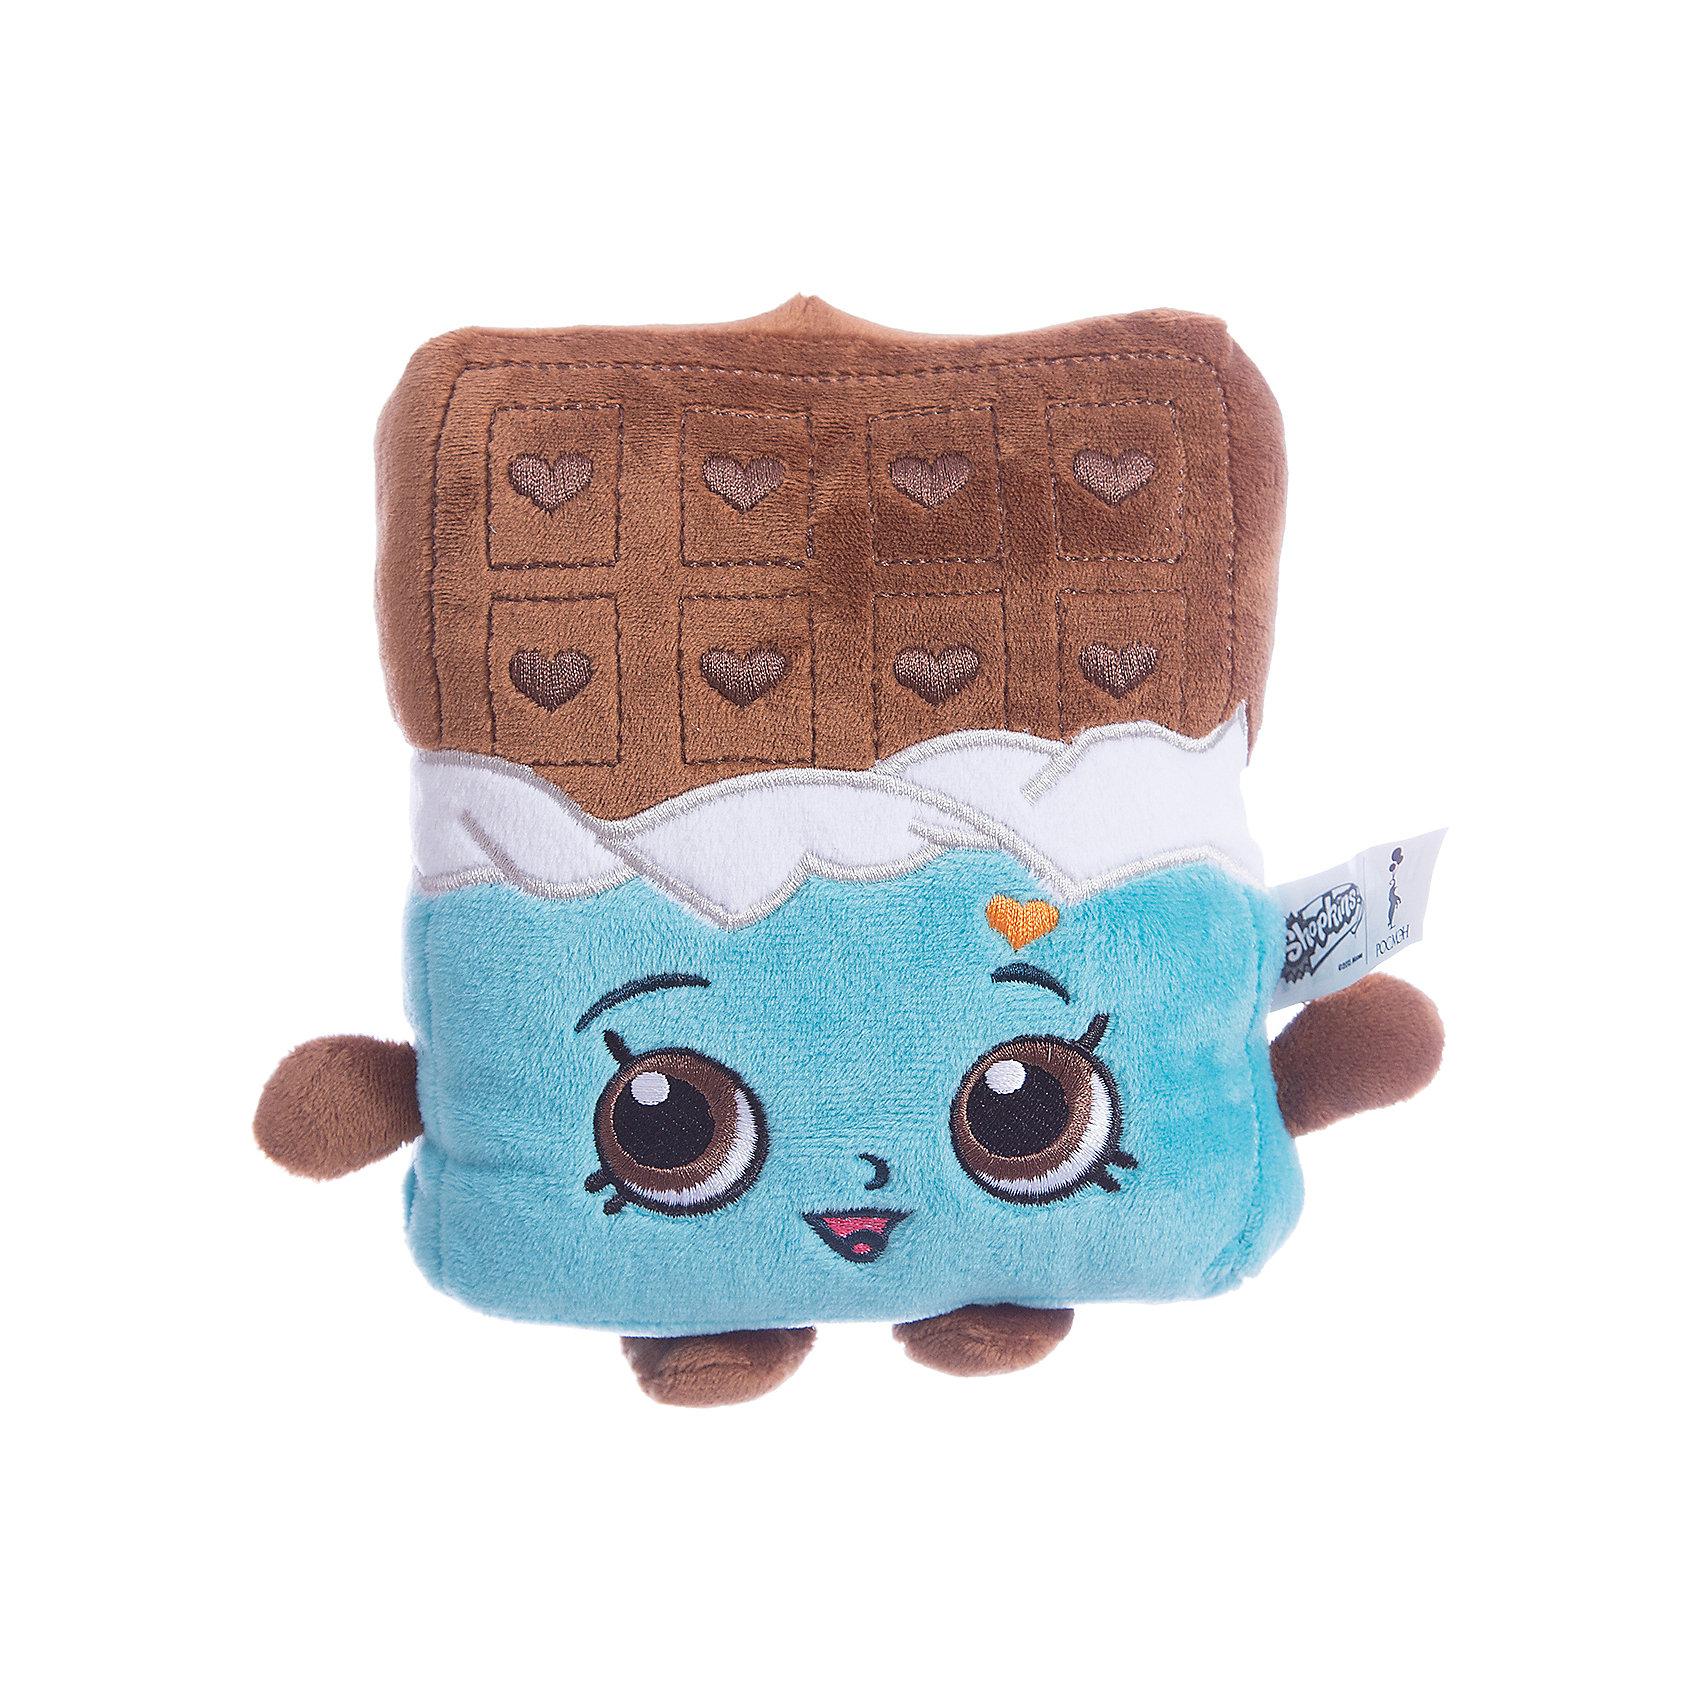 Мягкая игрушка Шоколадка Чеки, 20см, ShopkinsМягкие игрушки из мультфильмов<br>Характеристики:<br><br>• размер игрушки: 20 см;<br>• материал: плюш;<br>• наполнитель: синтепон;<br>• декоративные элементы: вышивка;<br>• упаковка: ПВХ-пакет.<br><br>Плюшевая коллекционная игрушка Шопкинс создана по мотивам мультсериала для детей. Аппетитная Шоколадка Чеки с ручками и ножками - персонаж Shopkins. Личико игрушки - вышивка-аппликация, тельце мягконабивное, мягкая игрушка приятная на ощупь. В процессе игры развивается воображение, речь, тактильное восприятие.<br><br>Мягкую игрушку Шоколадка Чеки, 20см, Shopkins можно купить в нашем магазине.<br><br>Ширина мм: 170<br>Глубина мм: 135<br>Высота мм: 55<br>Вес г: 80<br>Возраст от месяцев: 36<br>Возраст до месяцев: 2147483647<br>Пол: Унисекс<br>Возраст: Детский<br>SKU: 5247685